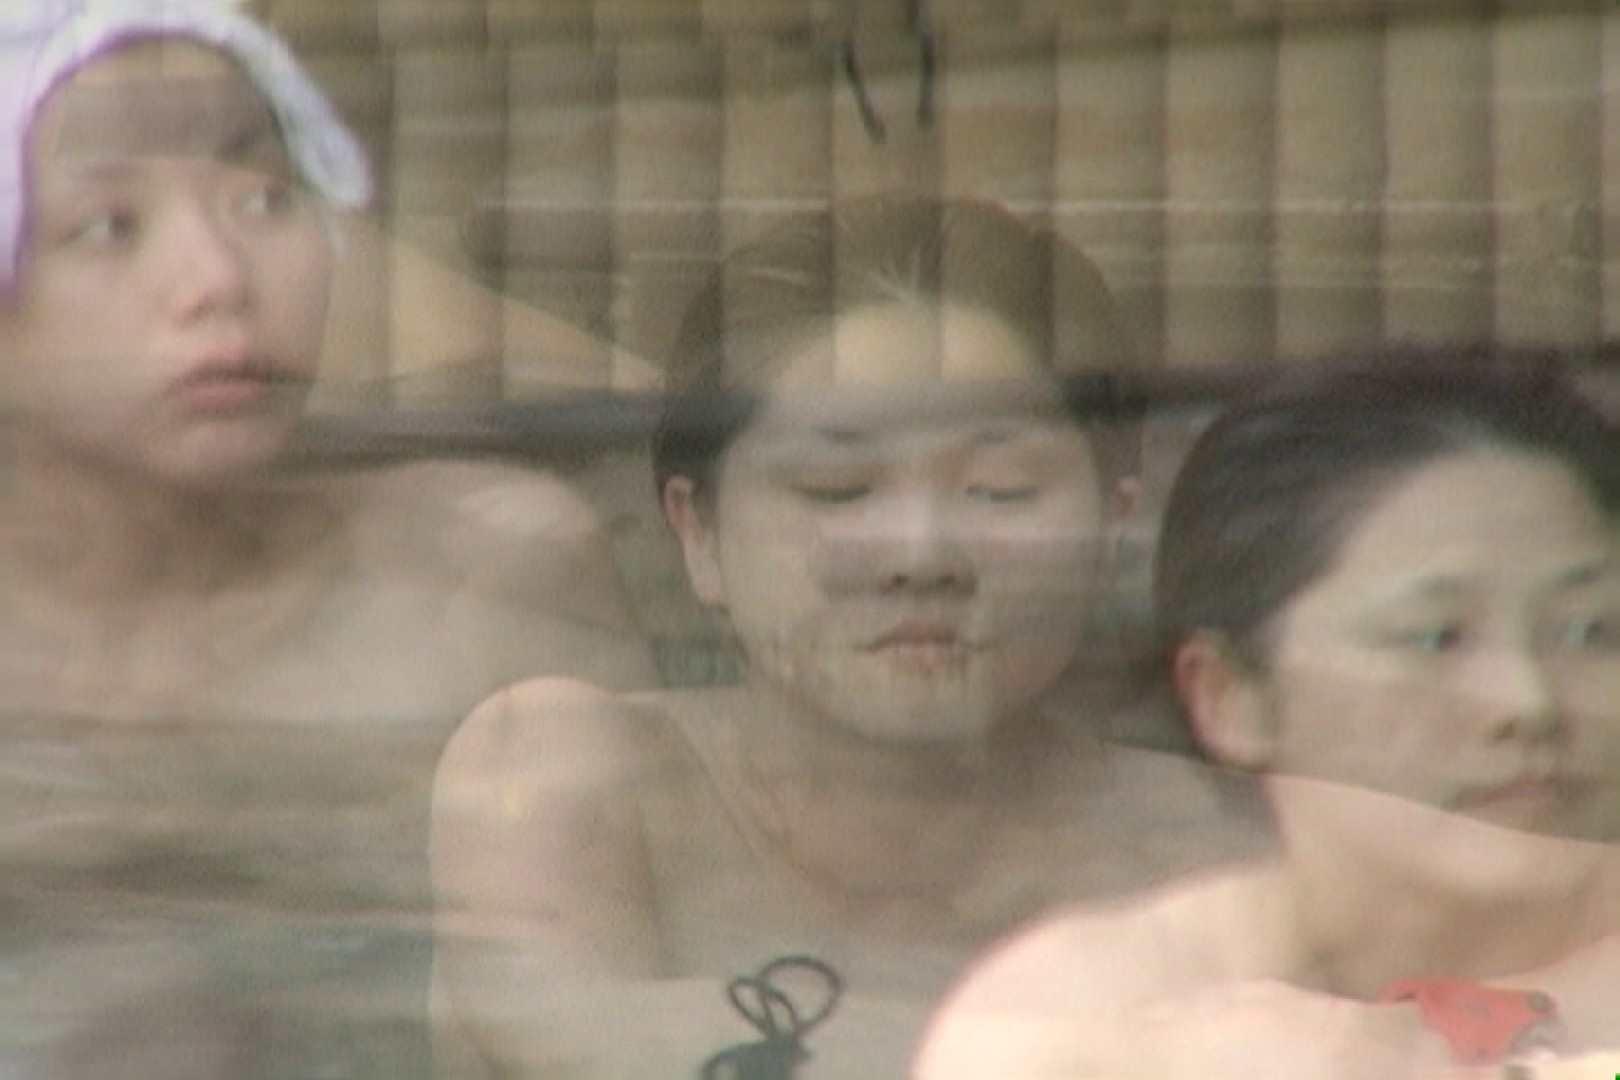 Aquaな露天風呂Vol.630 OLエロ画像 | 盗撮  110PICs 13